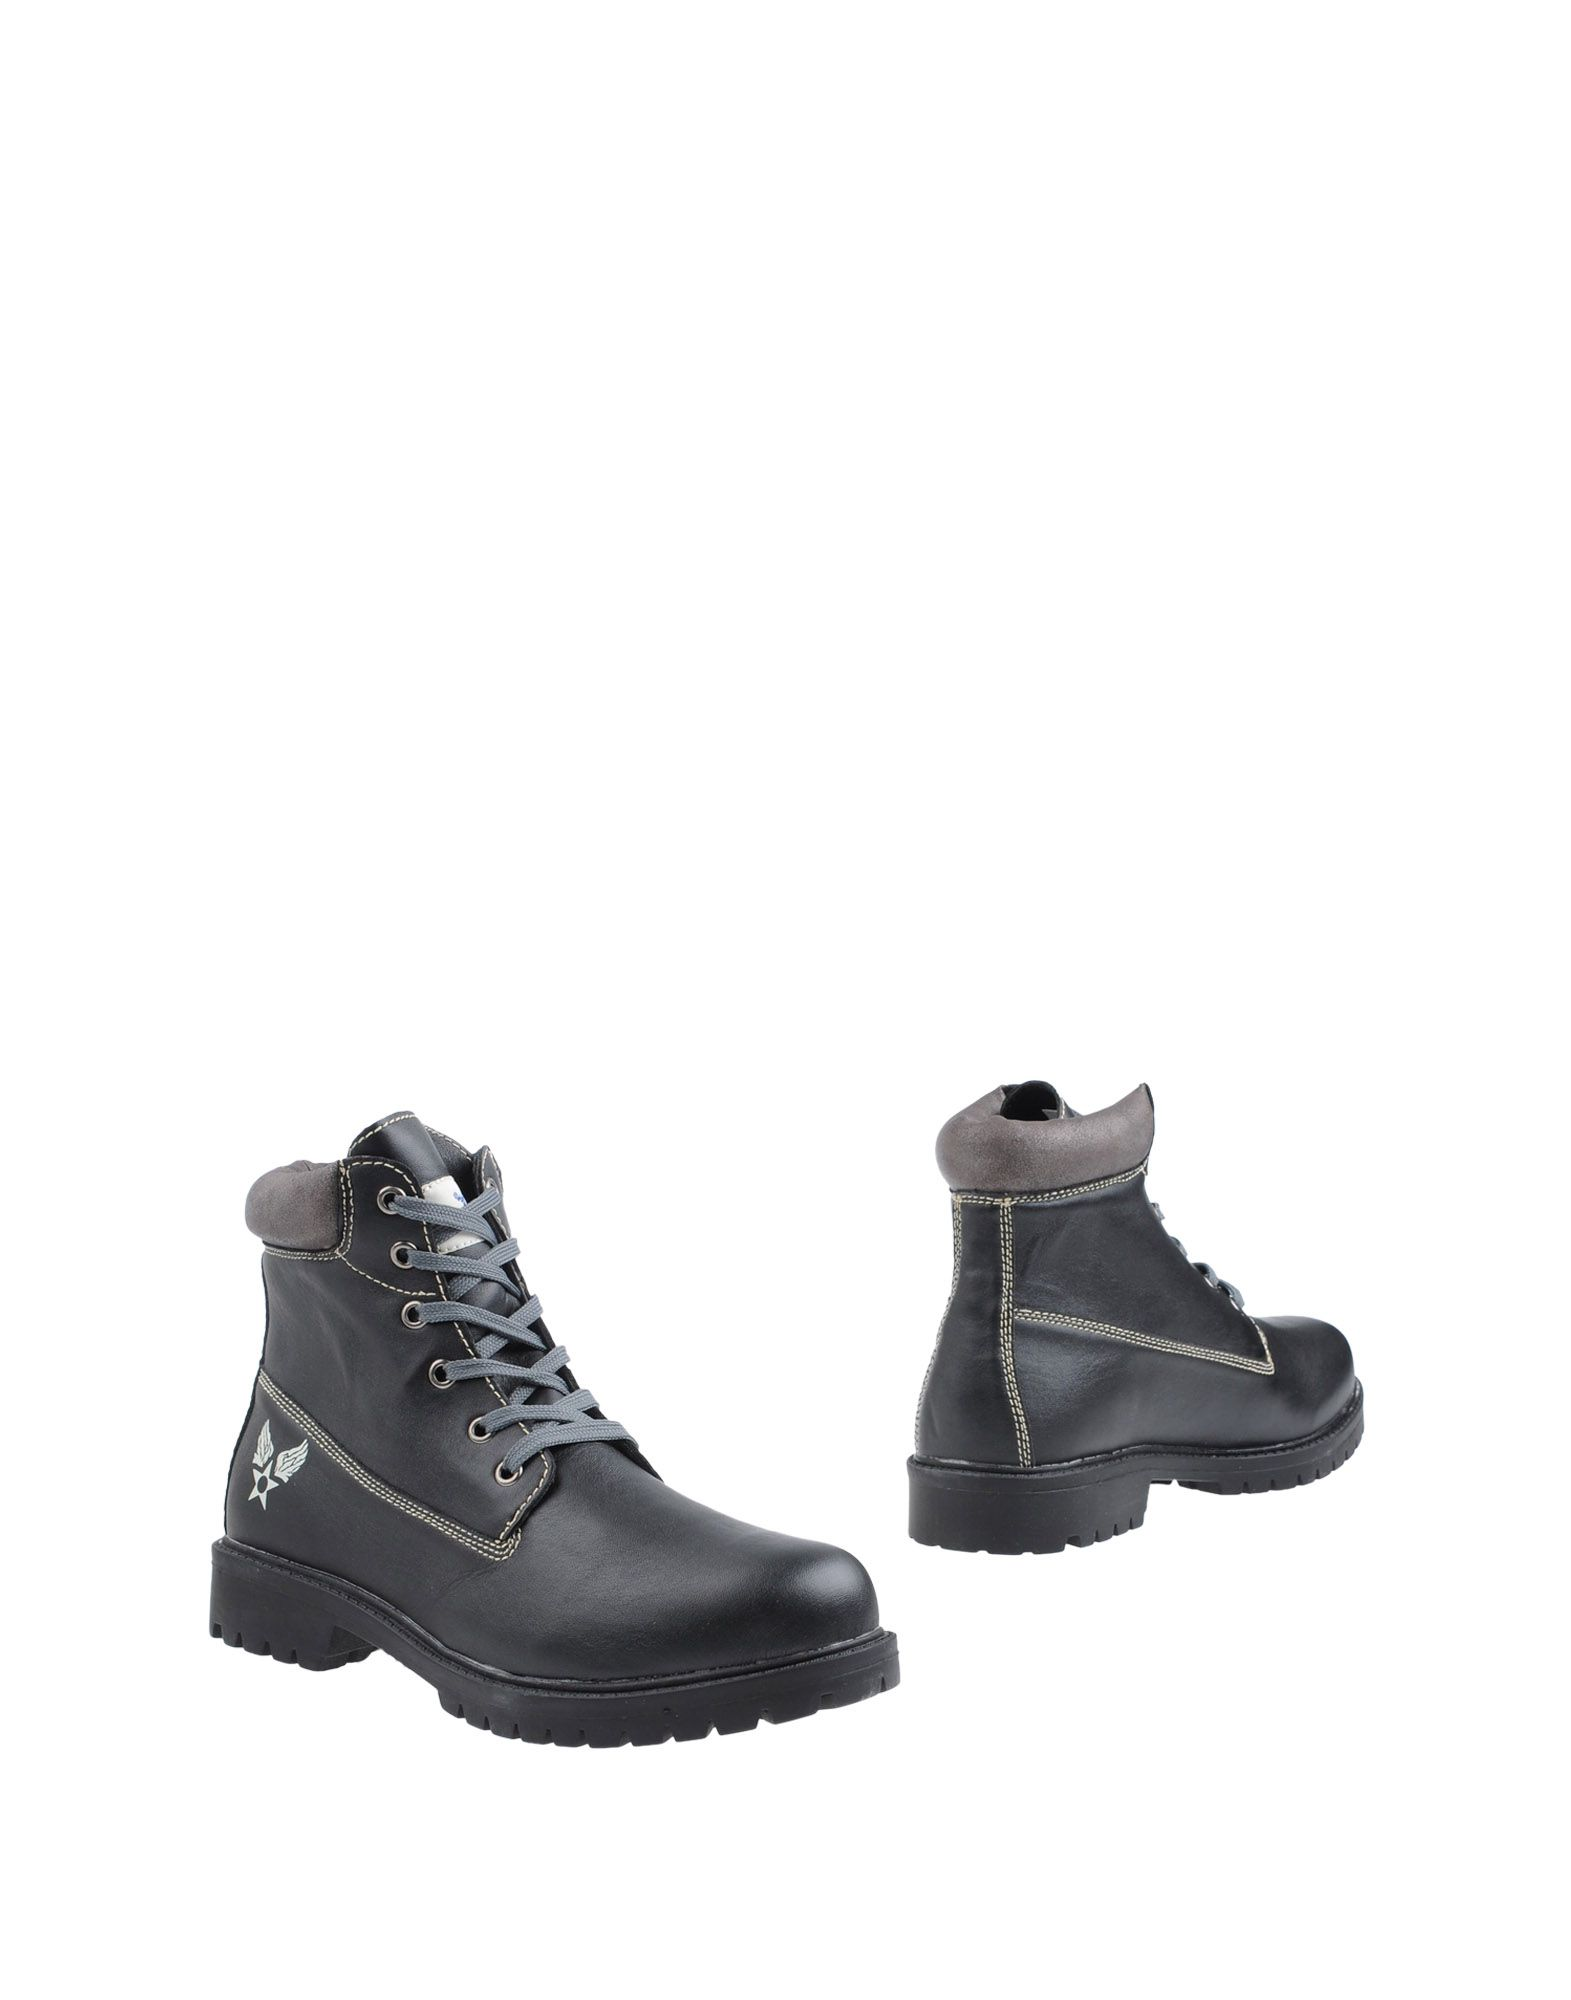 цены на AVIREX Полусапоги и высокие ботинки в интернет-магазинах